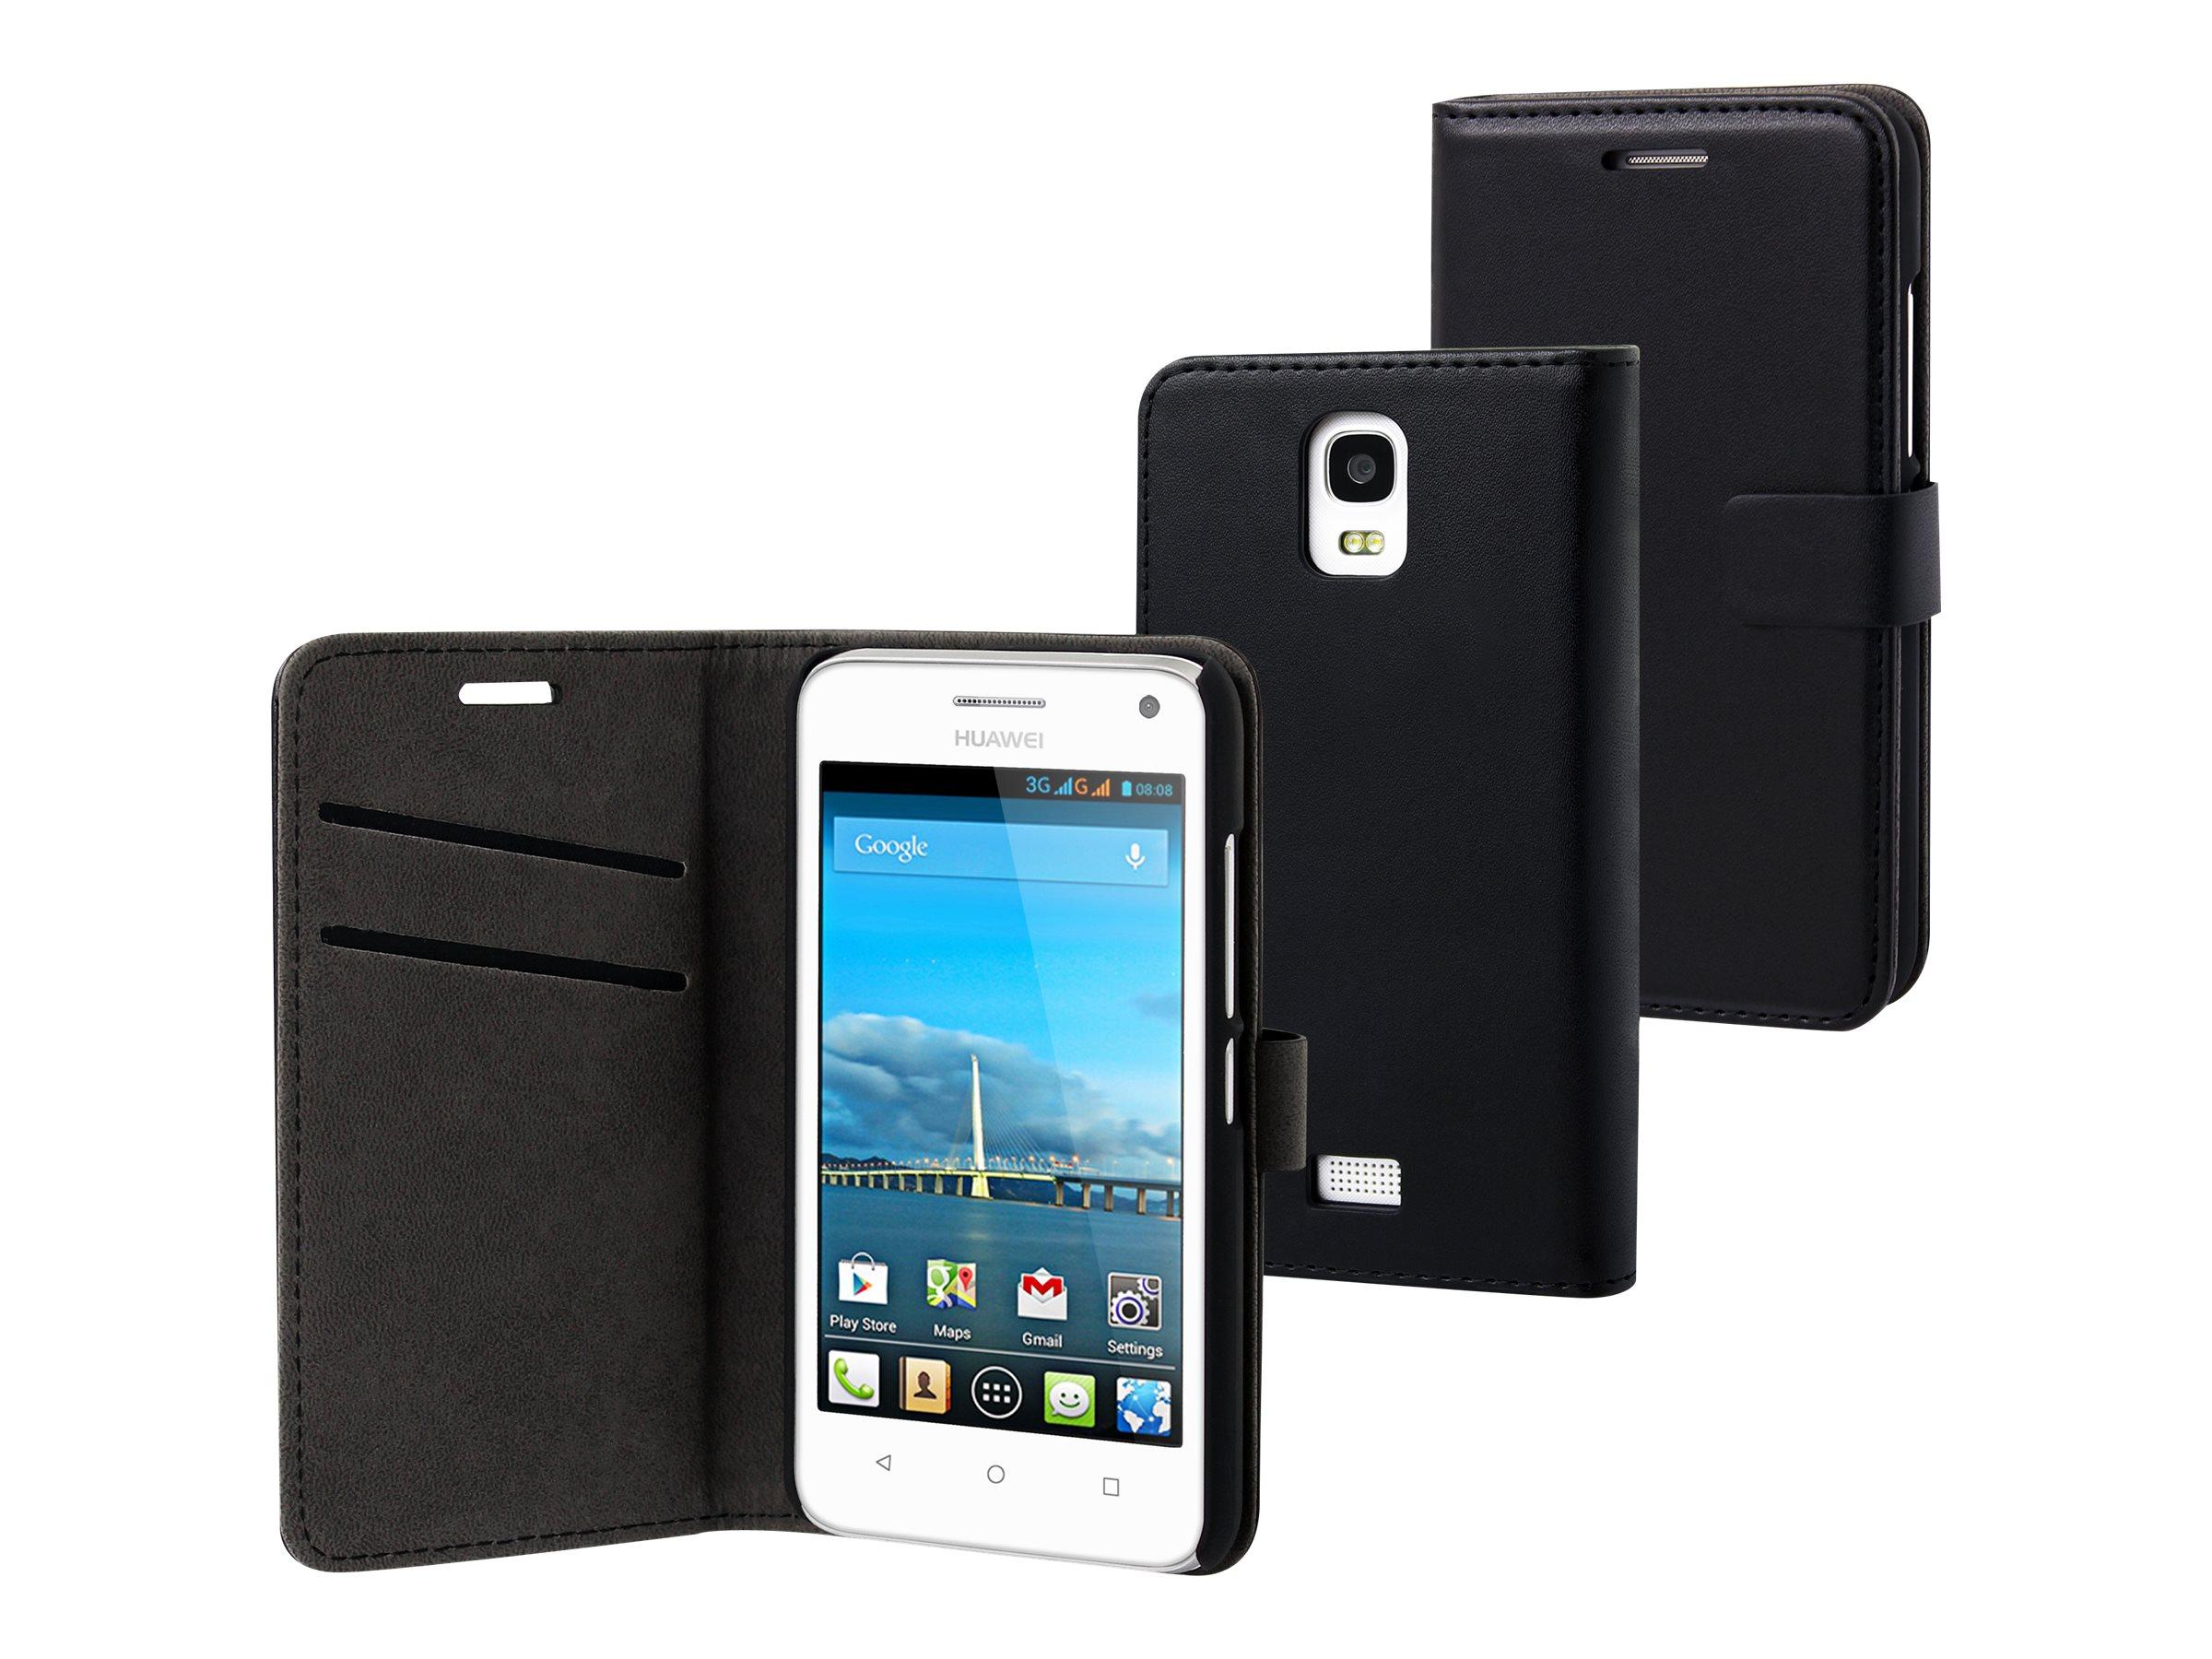 Muvit Slim S Folio - Protection à rabat pour Huawei Ascend Y360 - noir uni